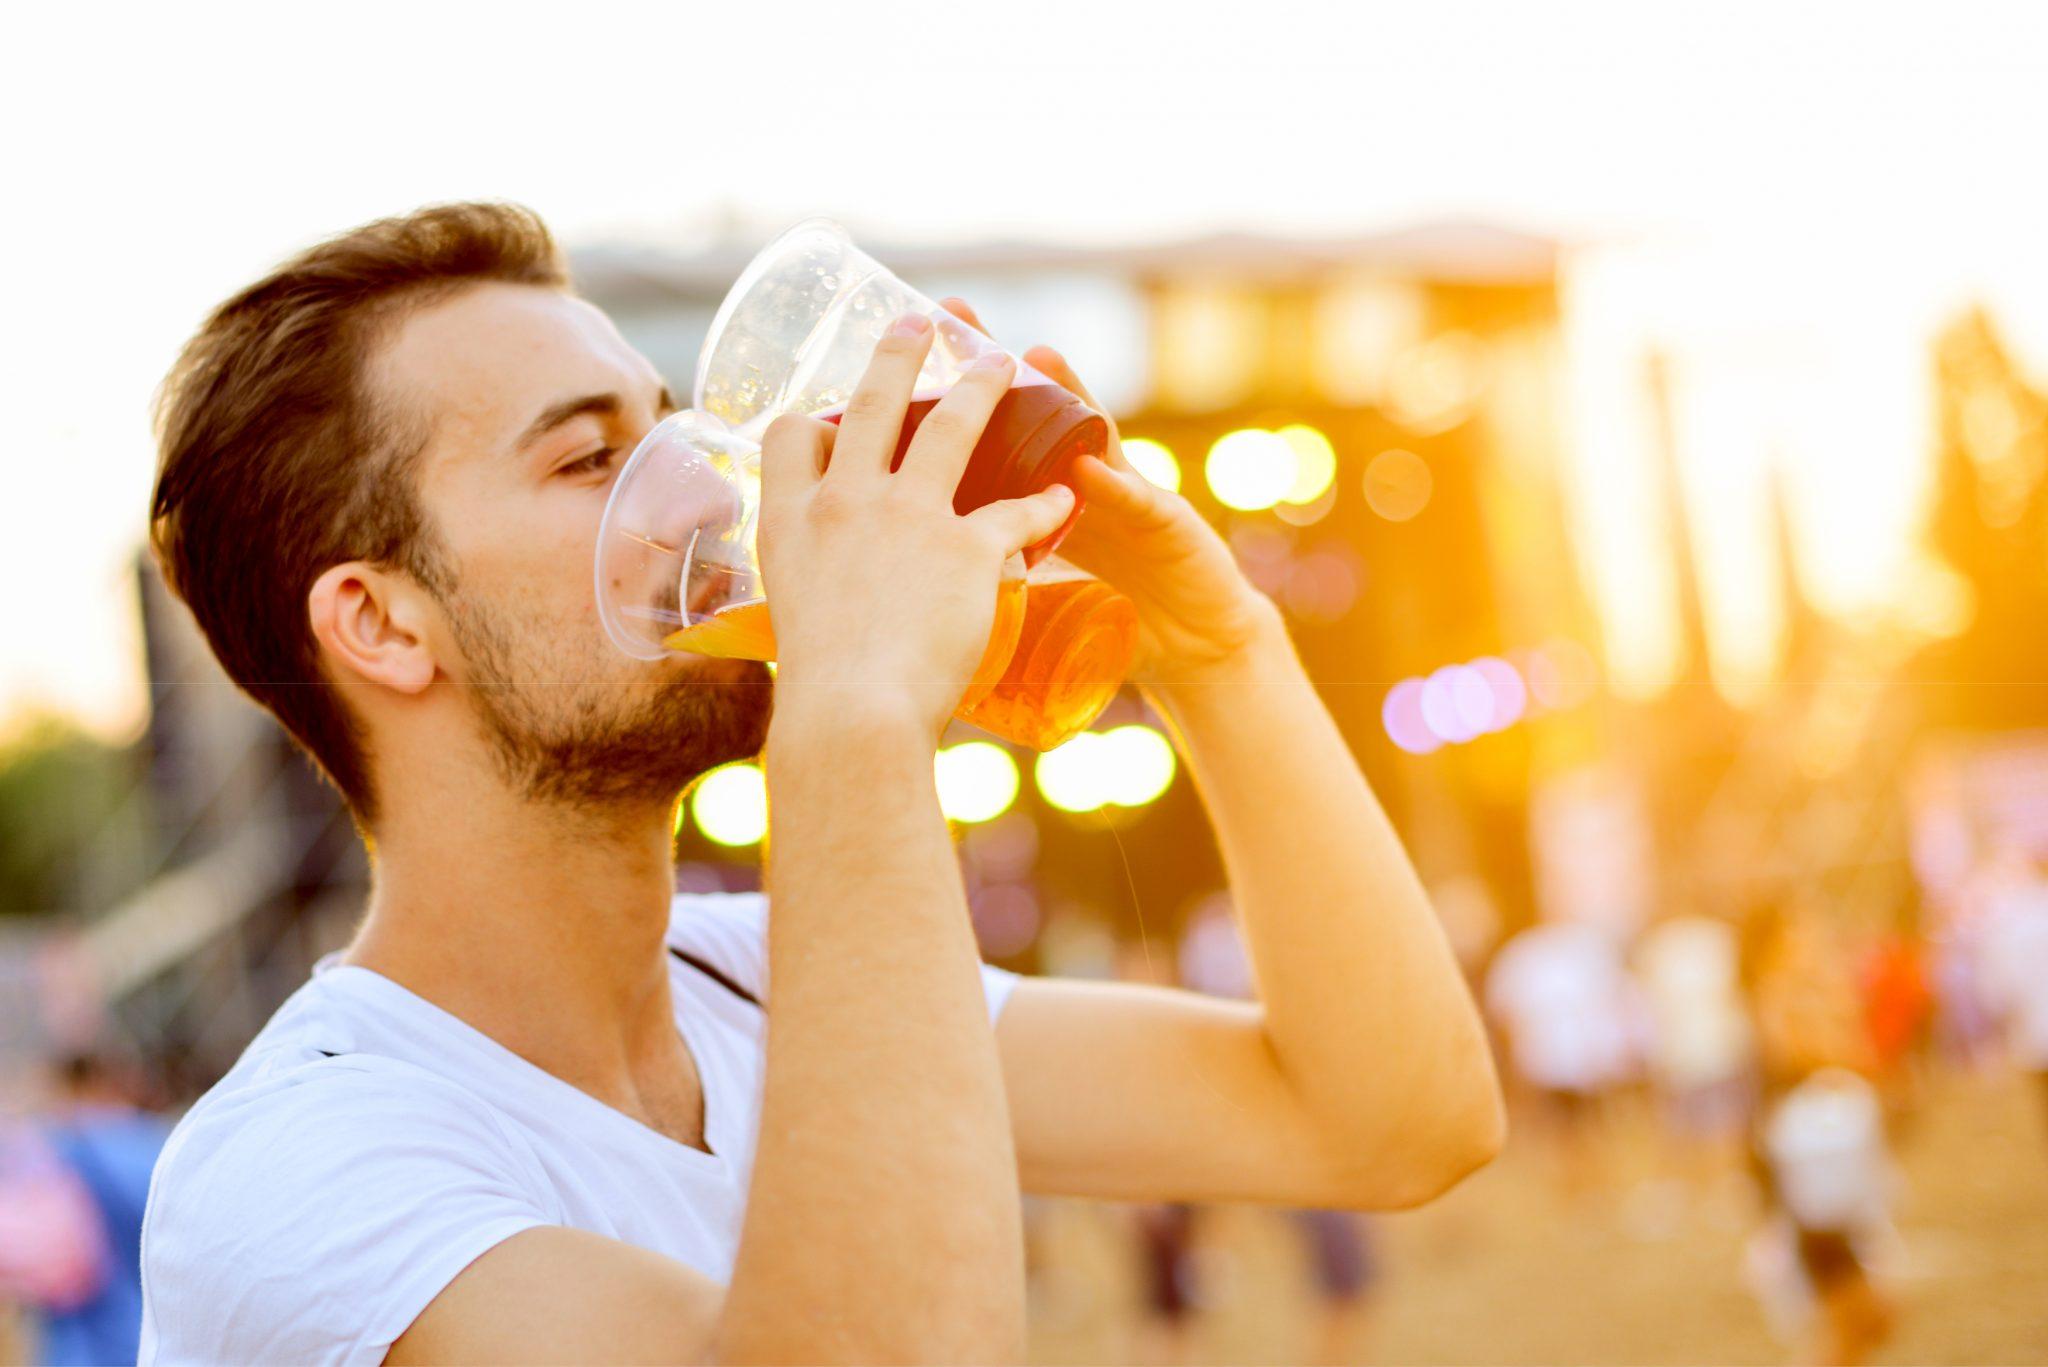 イベントでビールを一気飲みしている男性